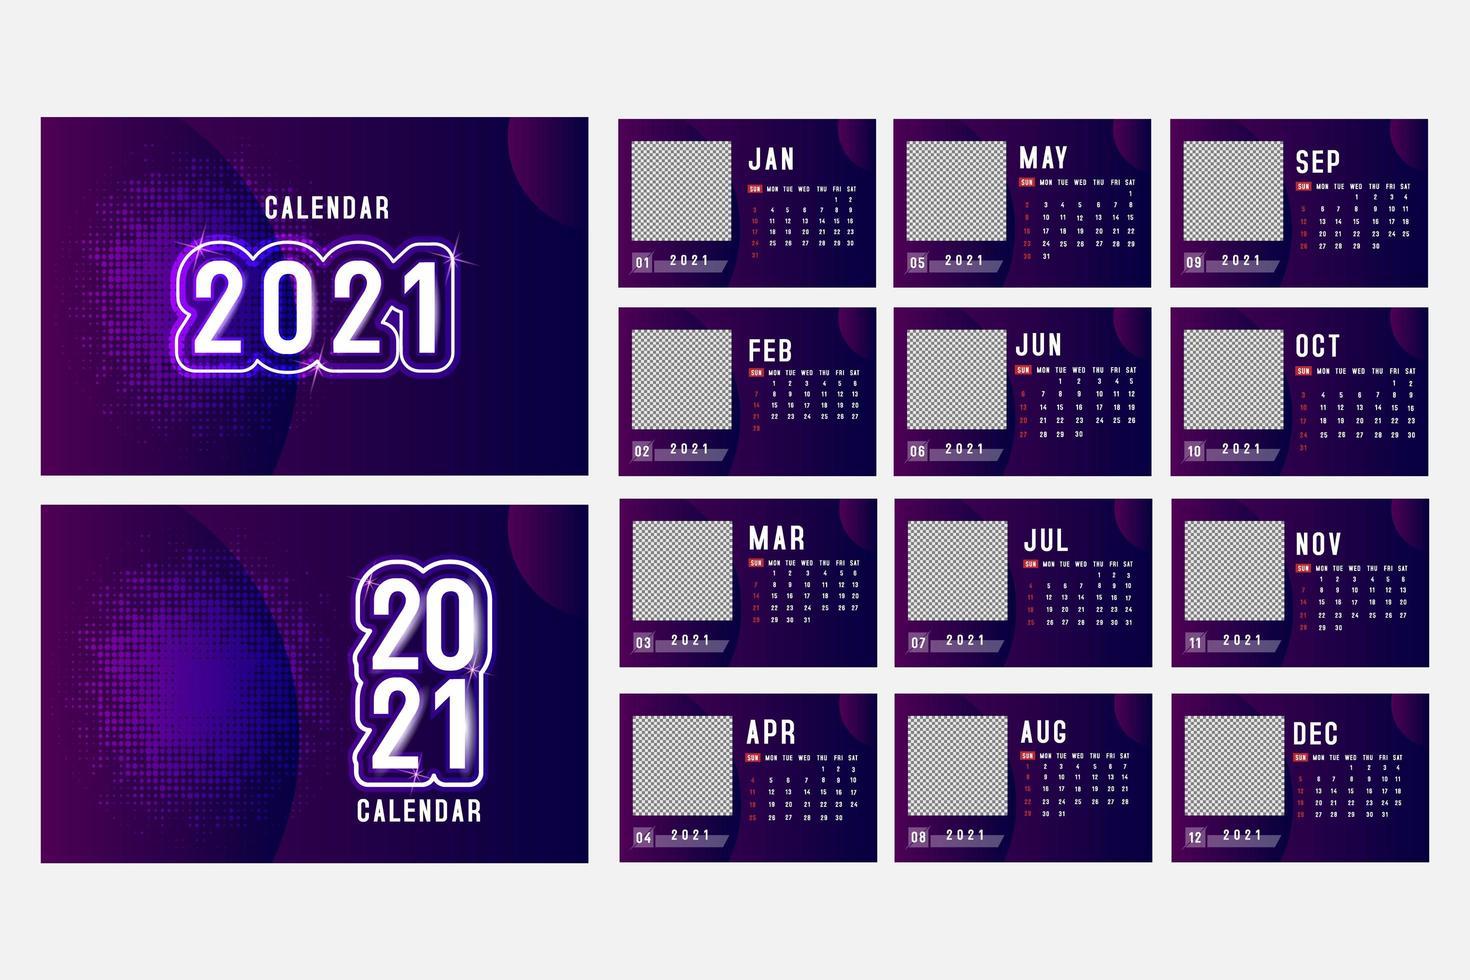 Calendrier 2021 Vectoriel Gratuit Calendrier 2021 horizontal violet avec espace d'image carré